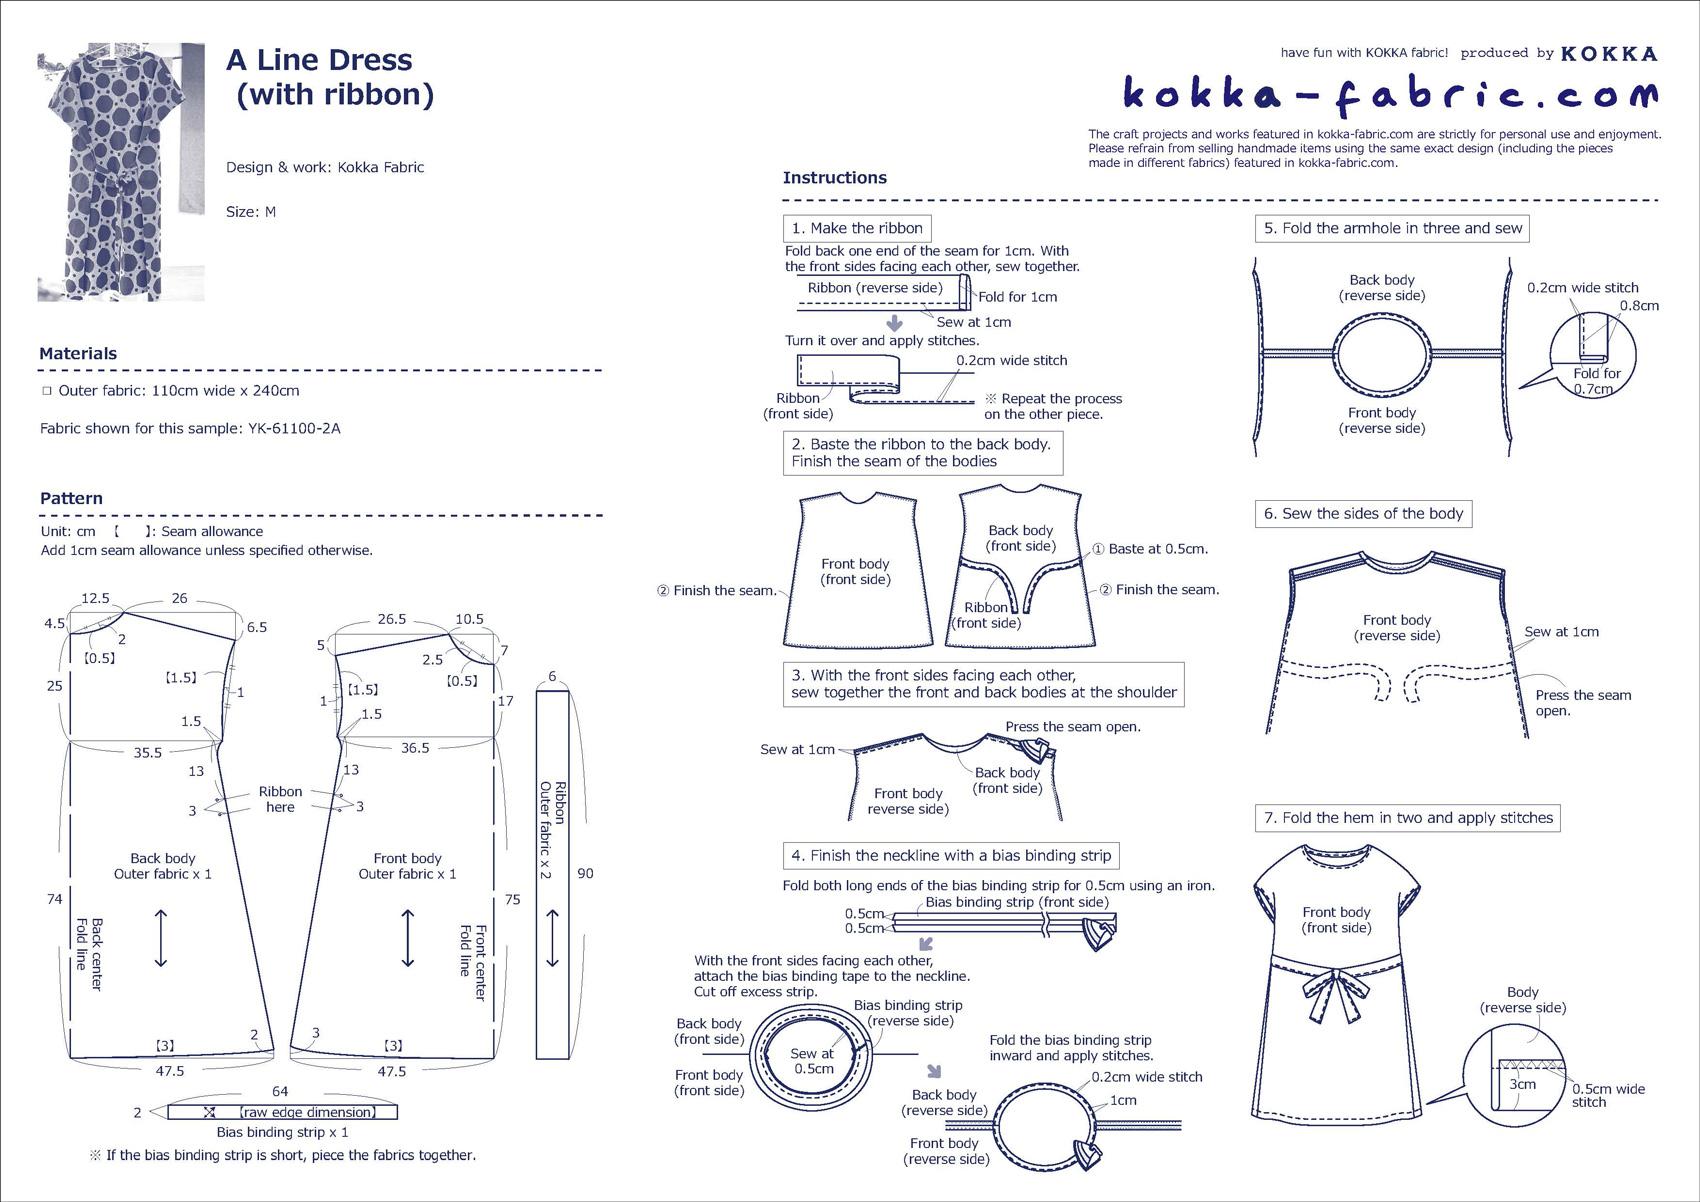 CS312_A_Line_Dress_E